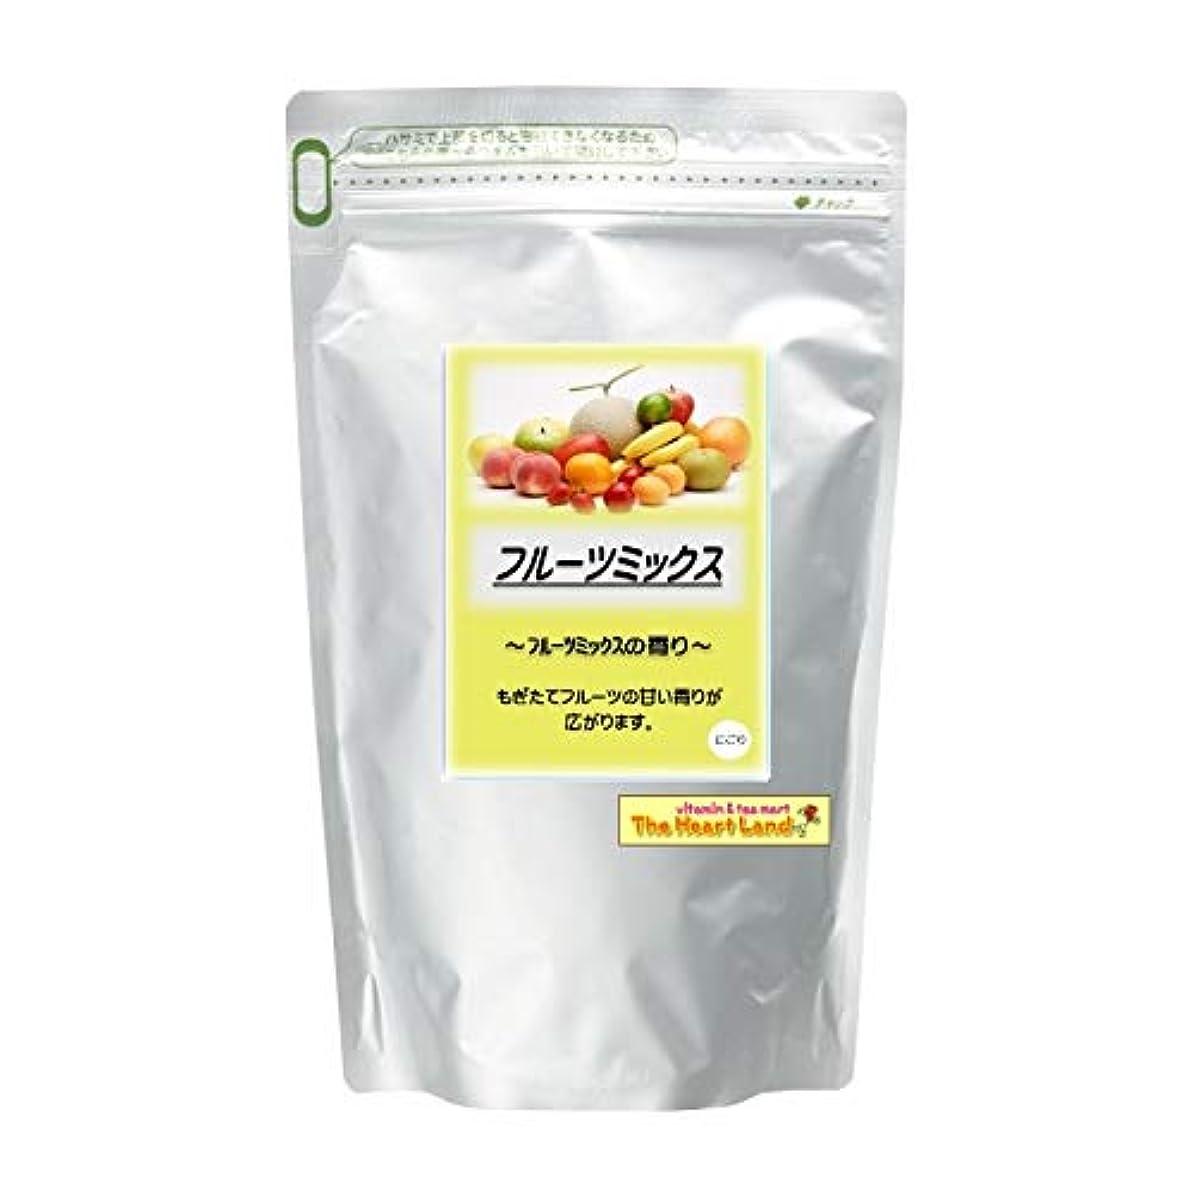 リハーサル無細分化するアサヒ入浴剤 浴用入浴化粧品 フルーツミックス 2.5kg